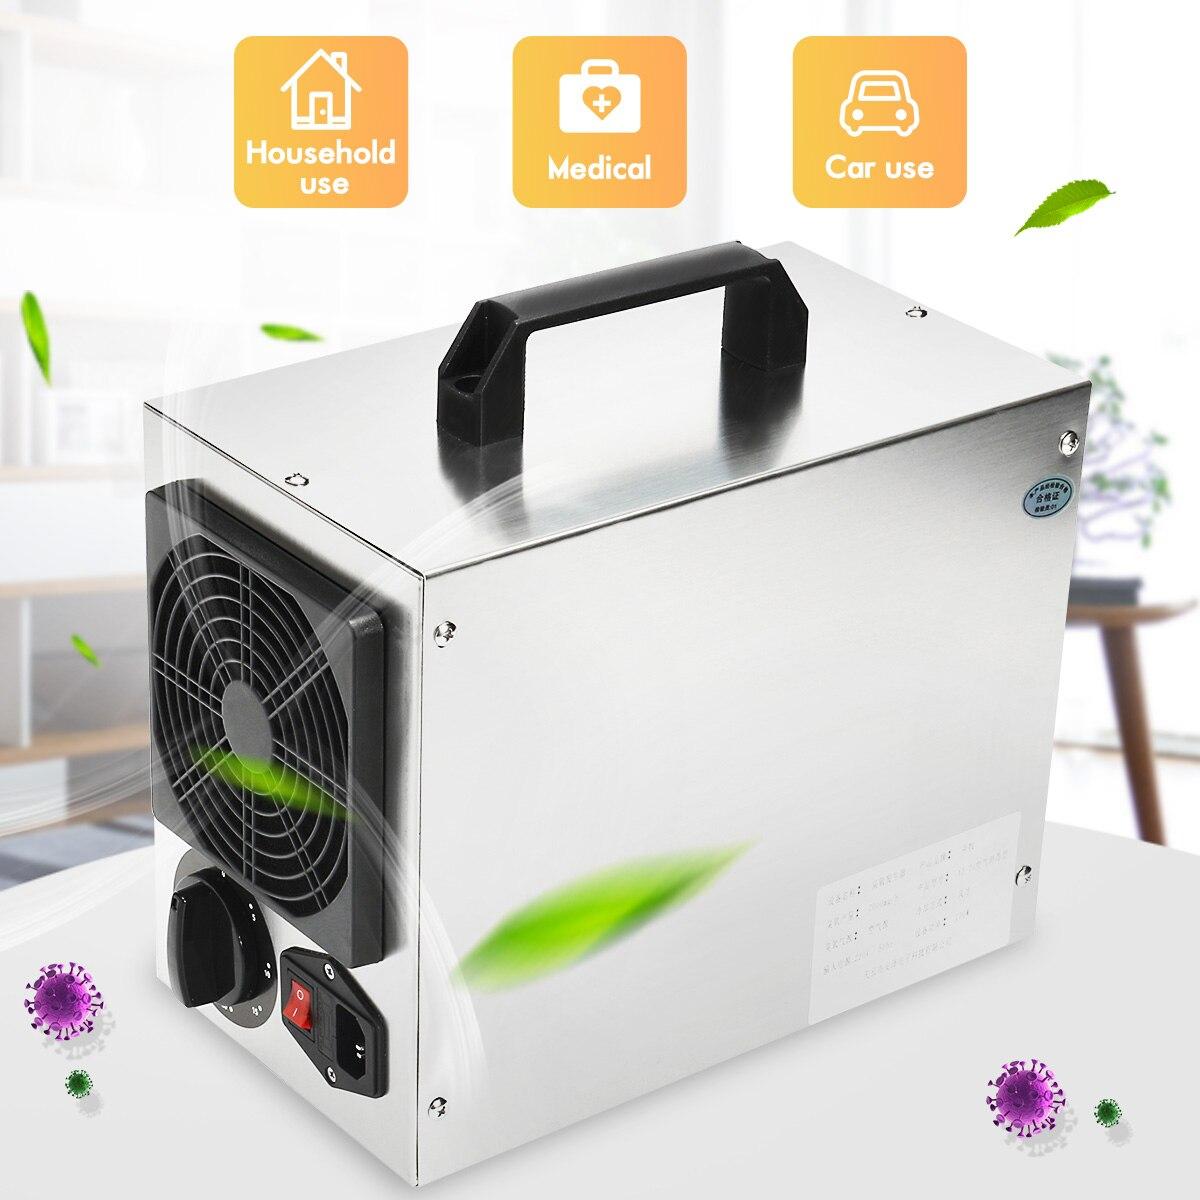 220 v/110 v Per La Casa Commerciale Generatore di Ozono 7 g/h O3 Purificatore D'aria Deodorante Filtro Aria Per L'ospedale di Fabbrica AU Spina